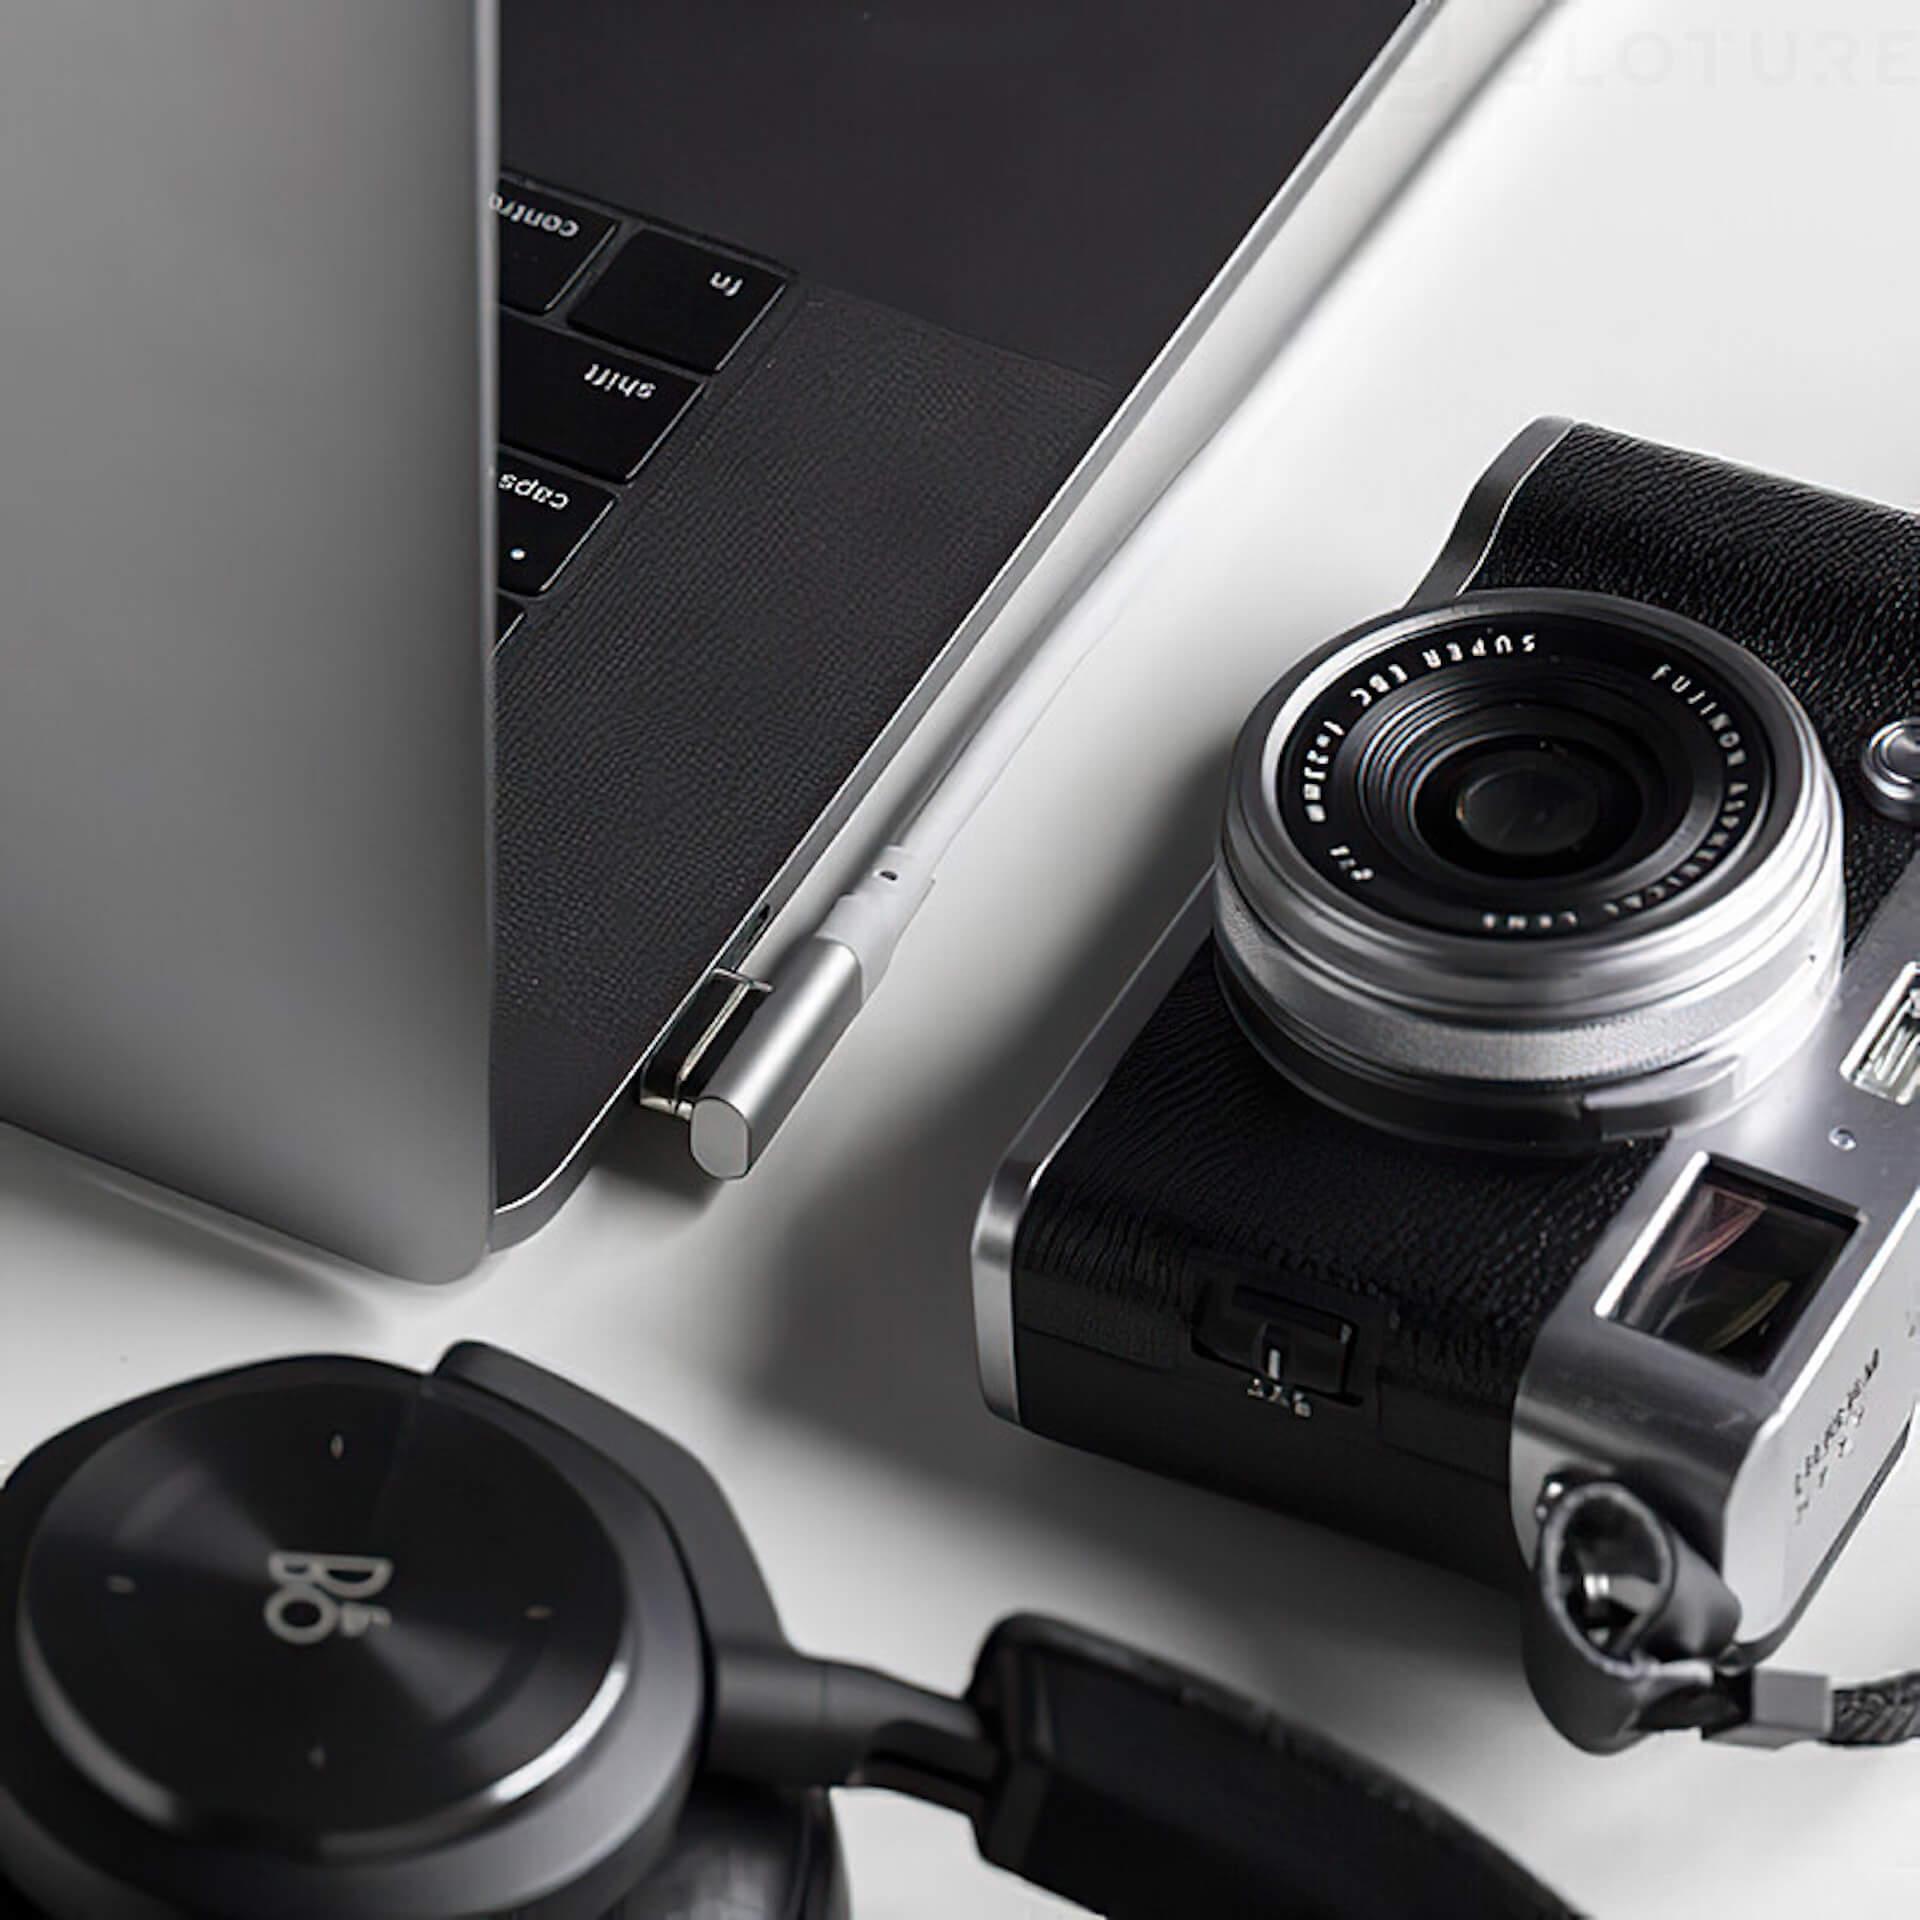 USB-Cのコネクタ同士をマグネットで引き寄せる!「HBLINK Magnet USB-C ケーブル」がGLOTURE.JPに登場 tech200625_usbc_cable_5